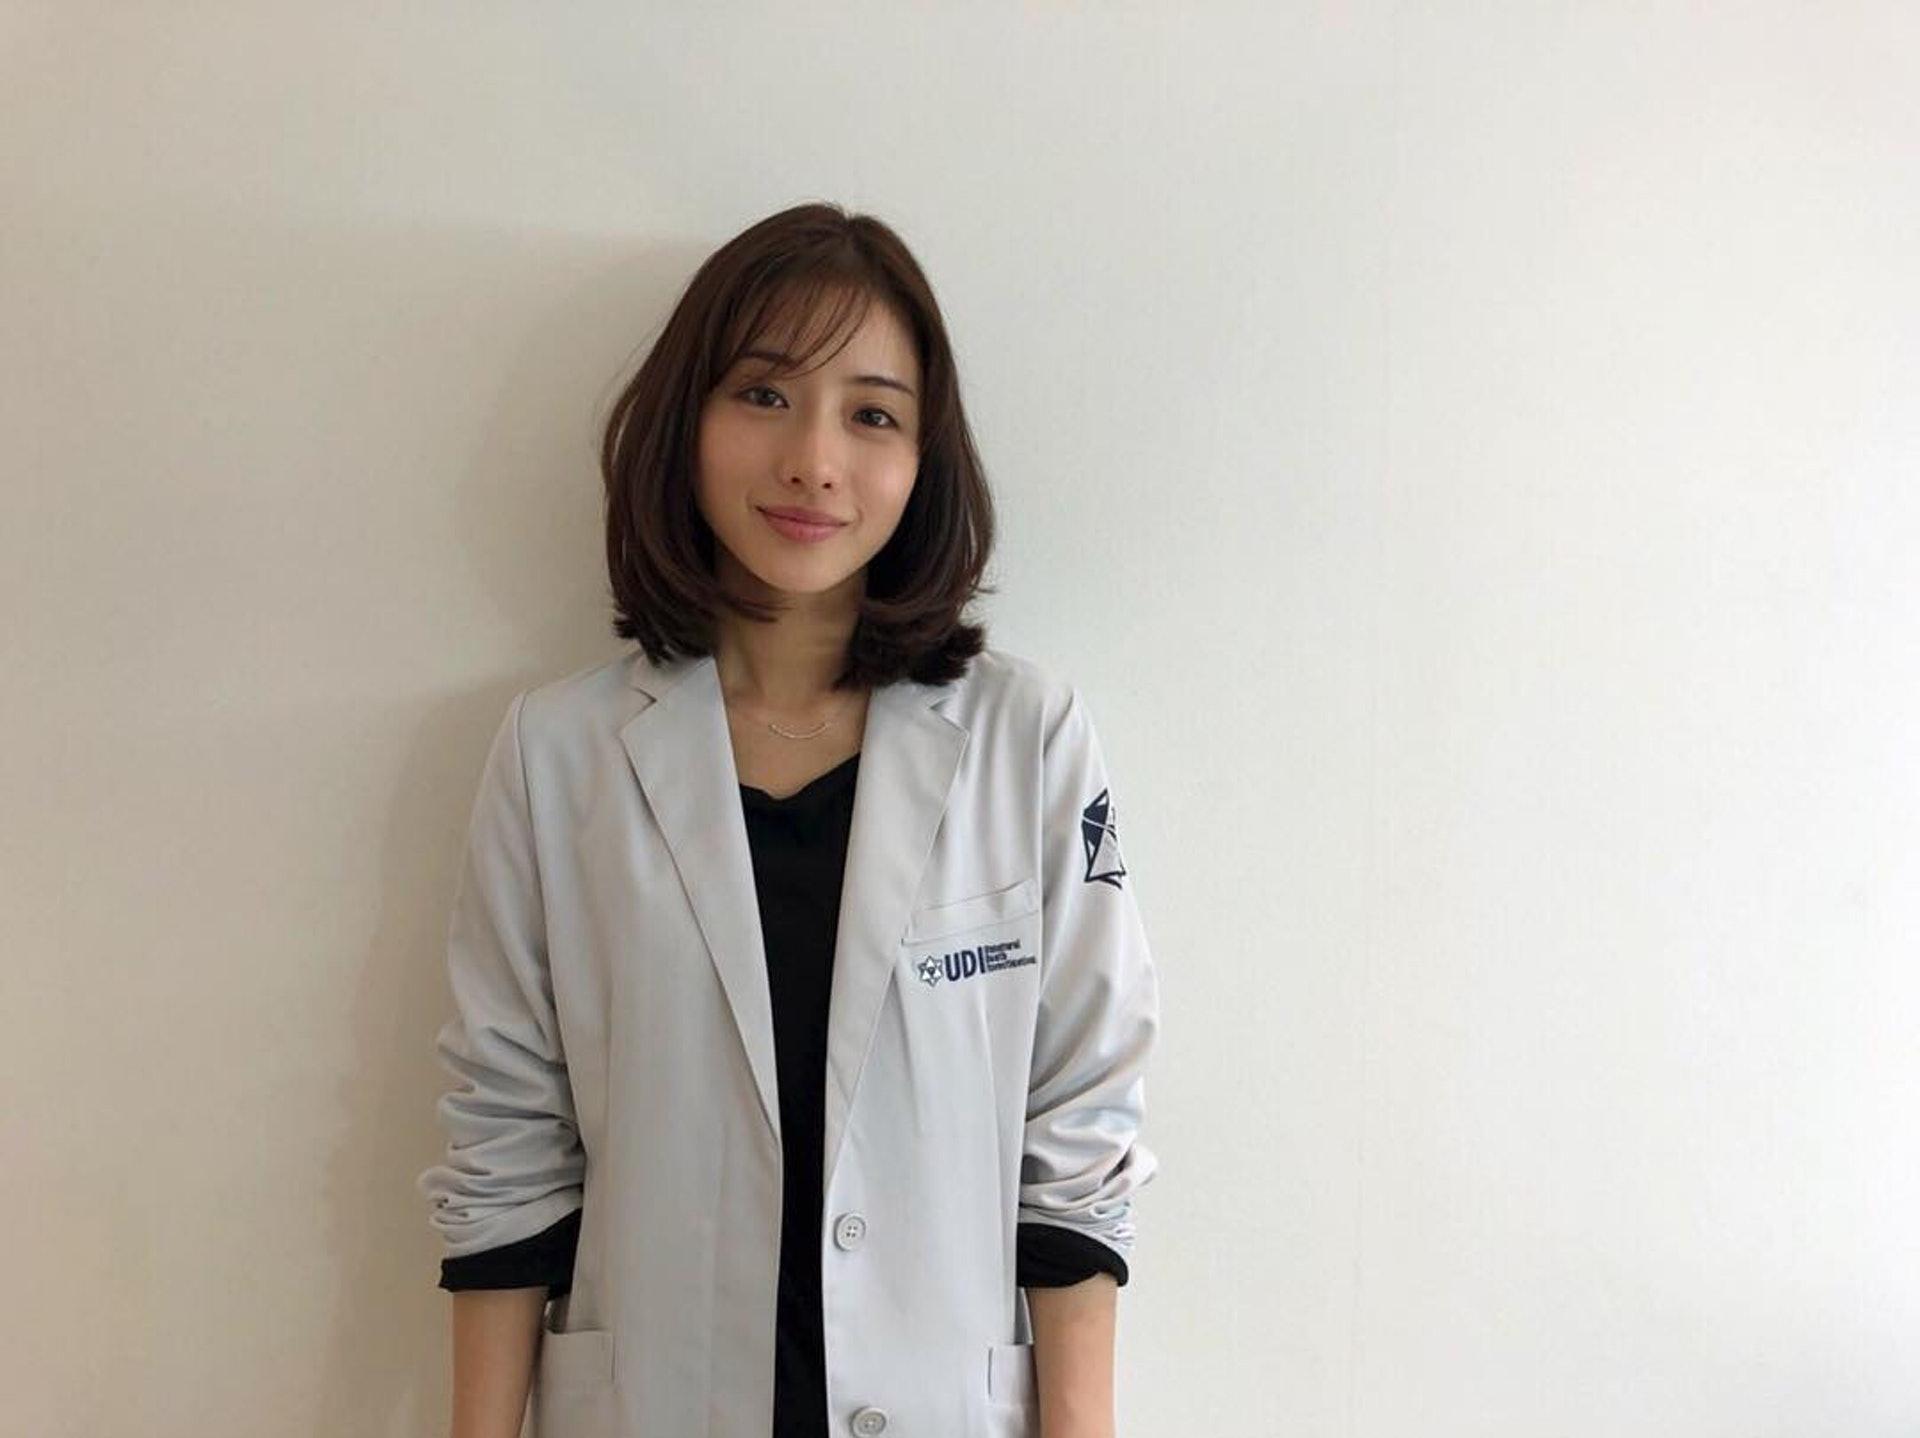 石原里美在劇集上的穿搭總是成為日本女生潮流的指標 (ig@satomisquad)